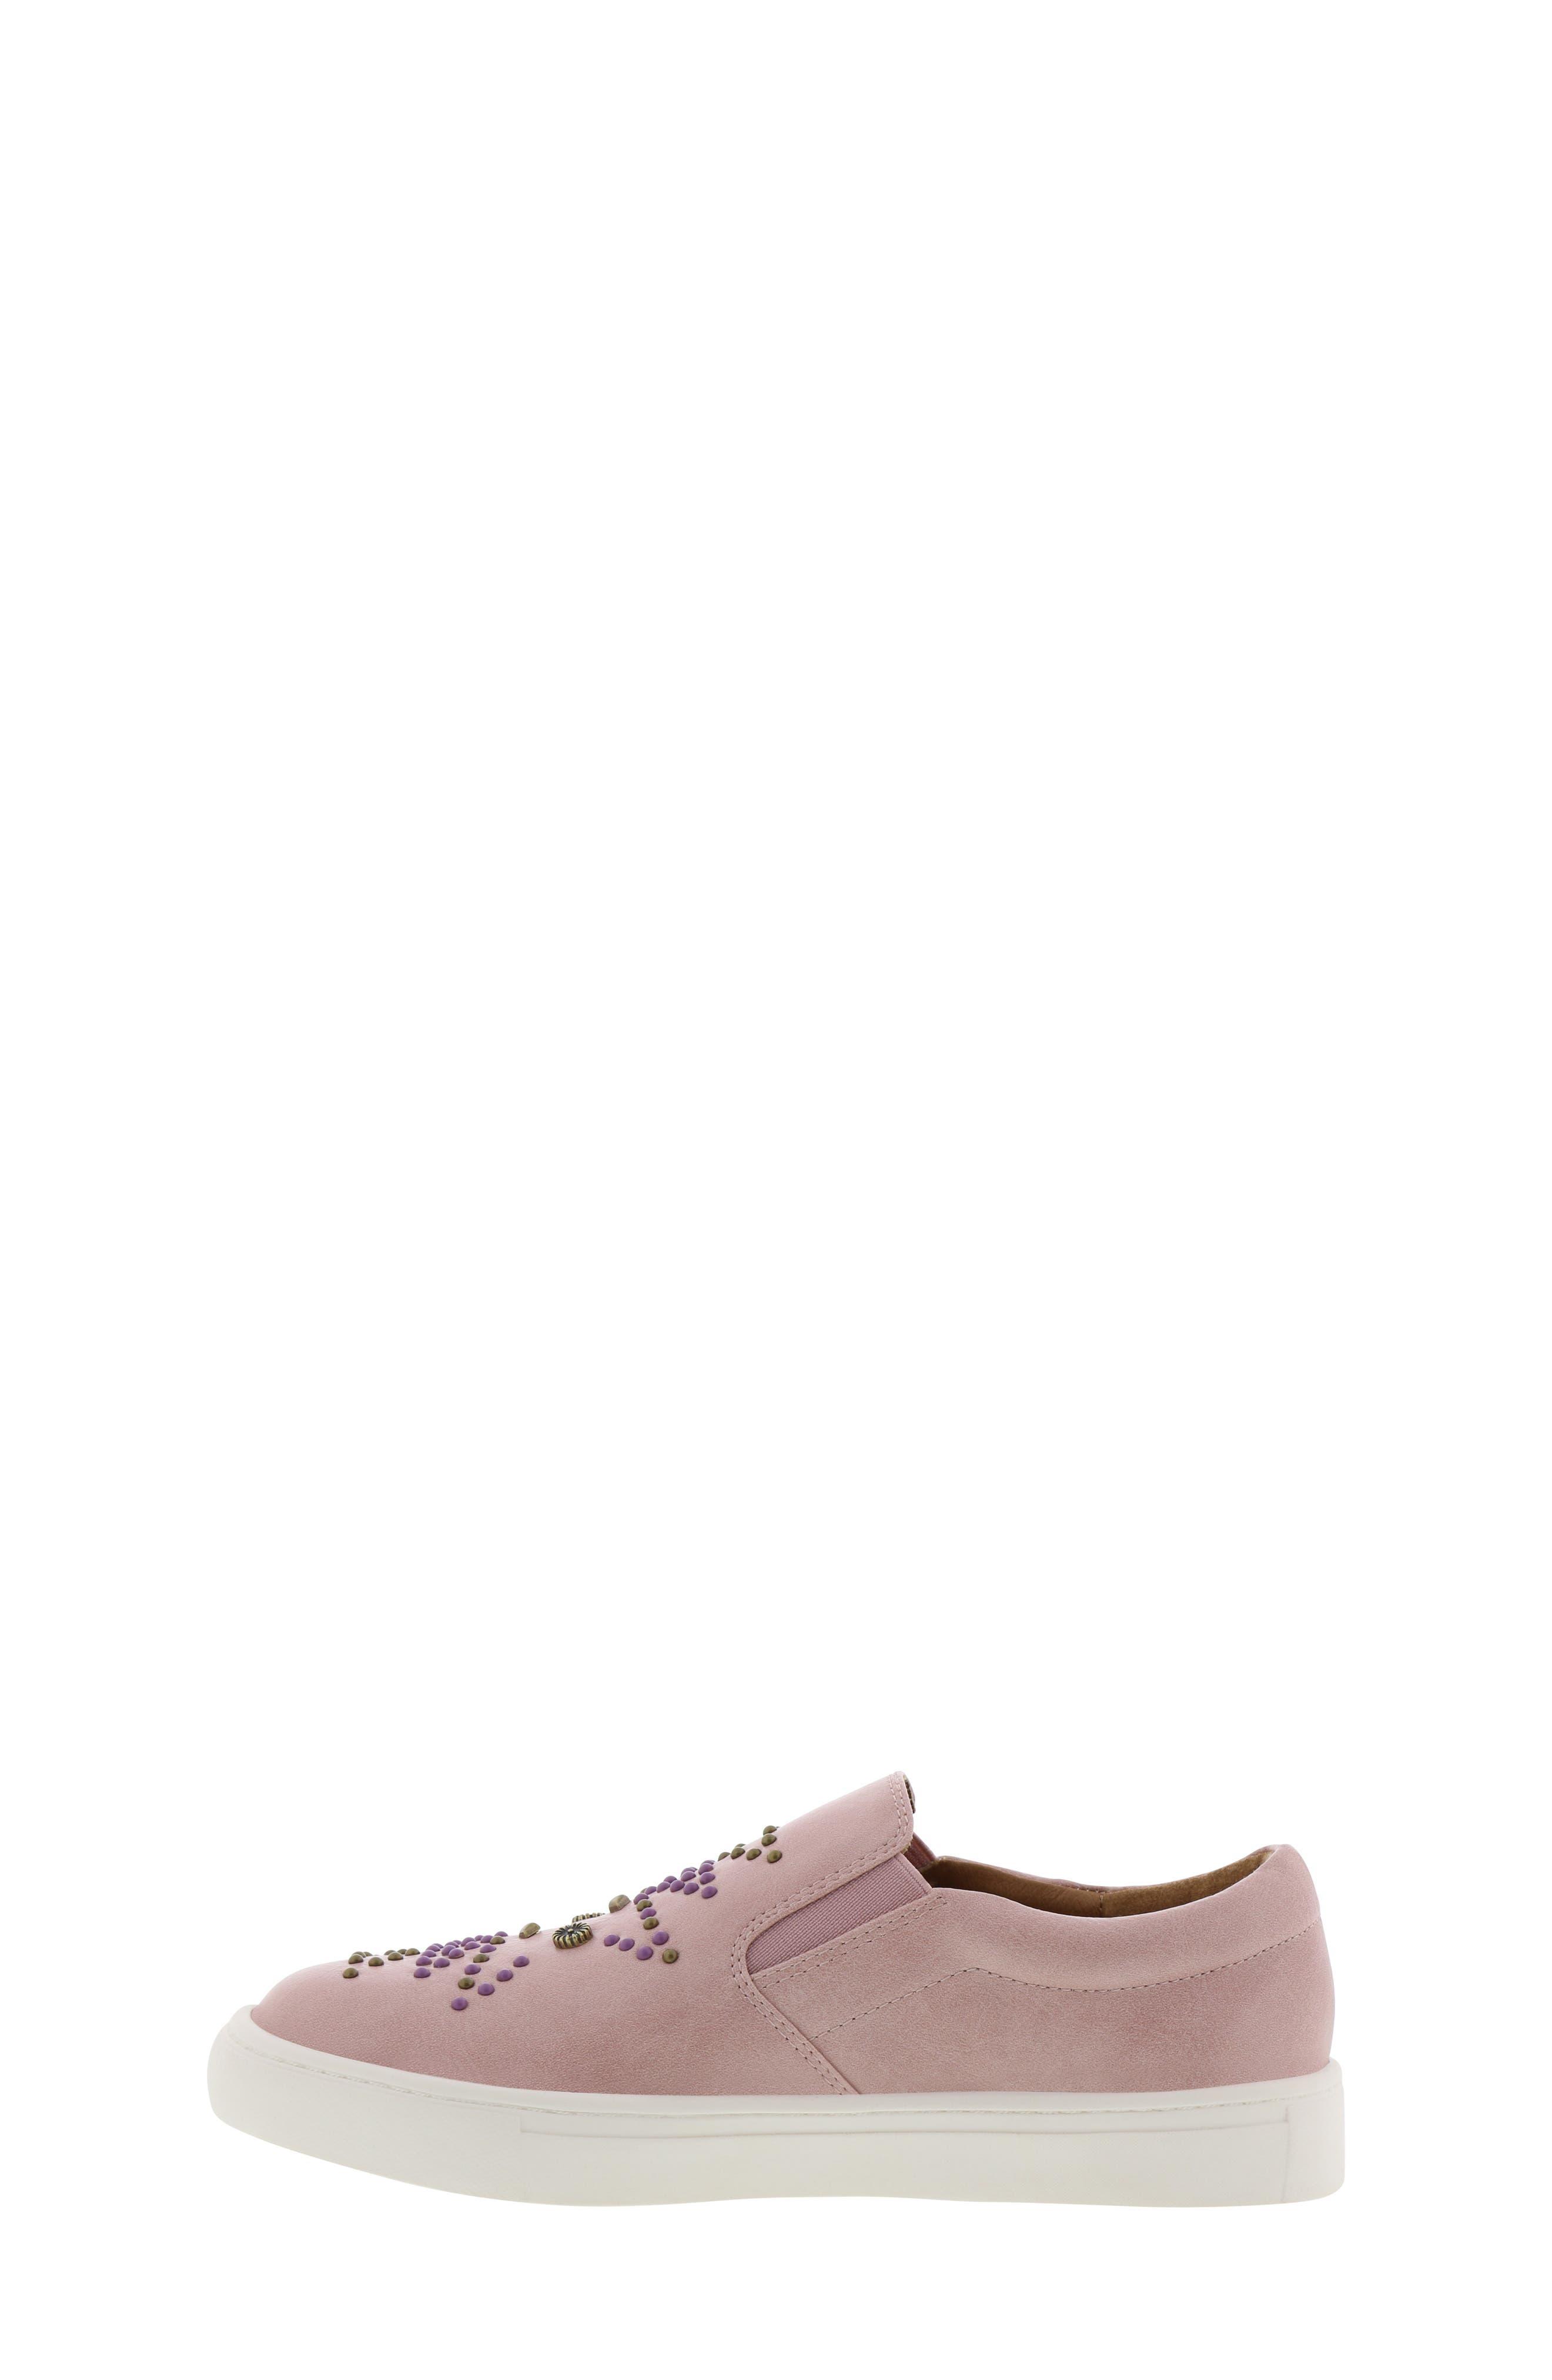 FRYE, Lena Studded Sneaker, Alternate thumbnail 8, color, 686